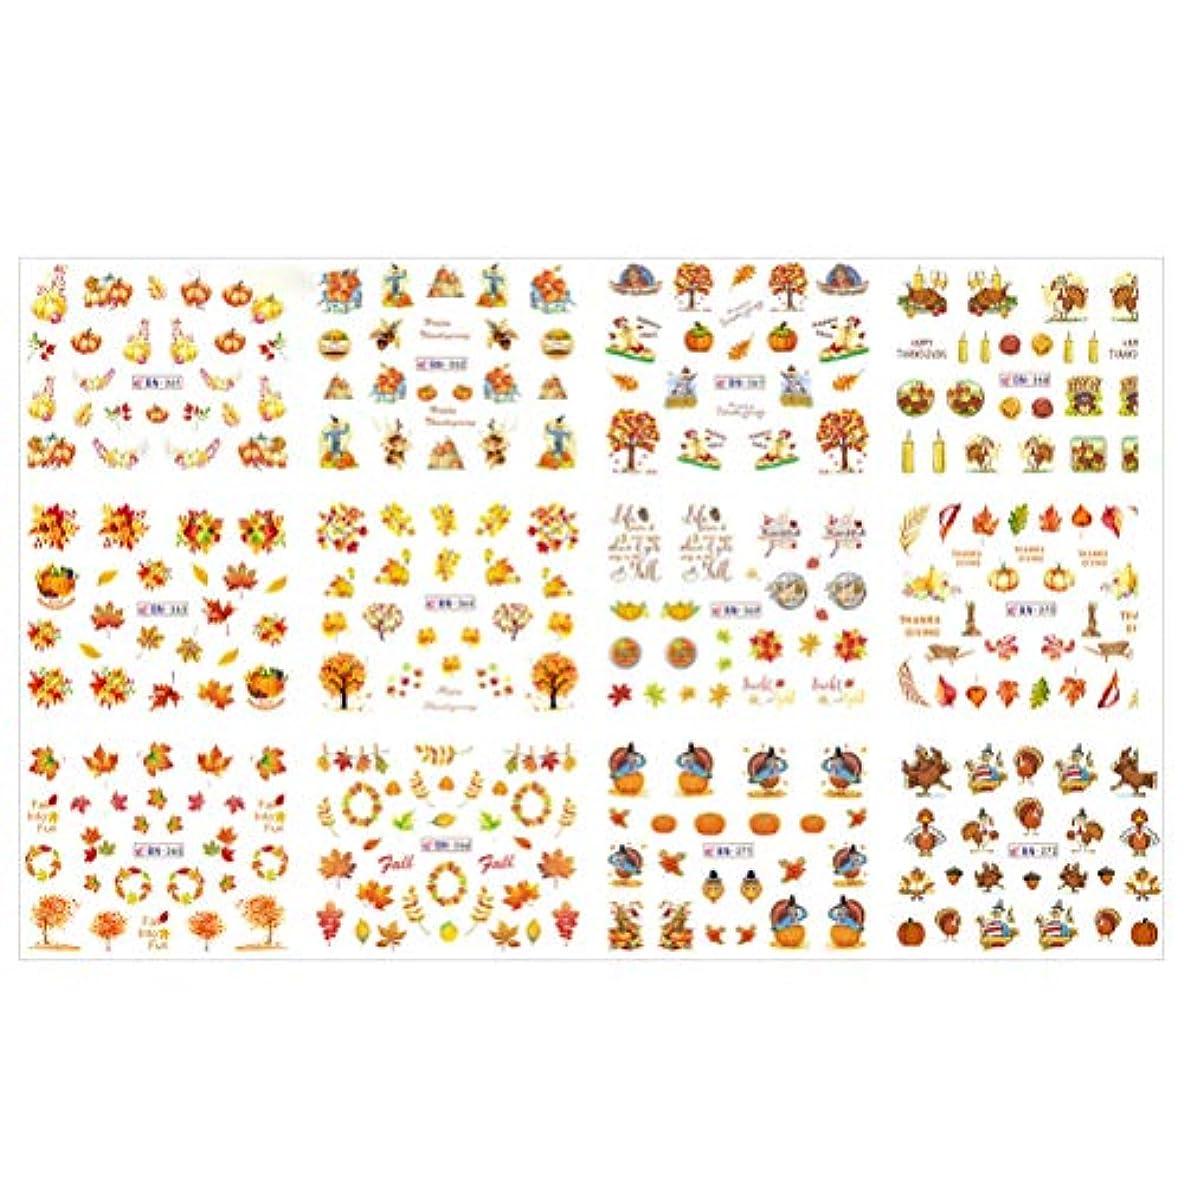 Frcolor ネイルシール 秋 紅葉シール デコレーション 秋シール 5pcs